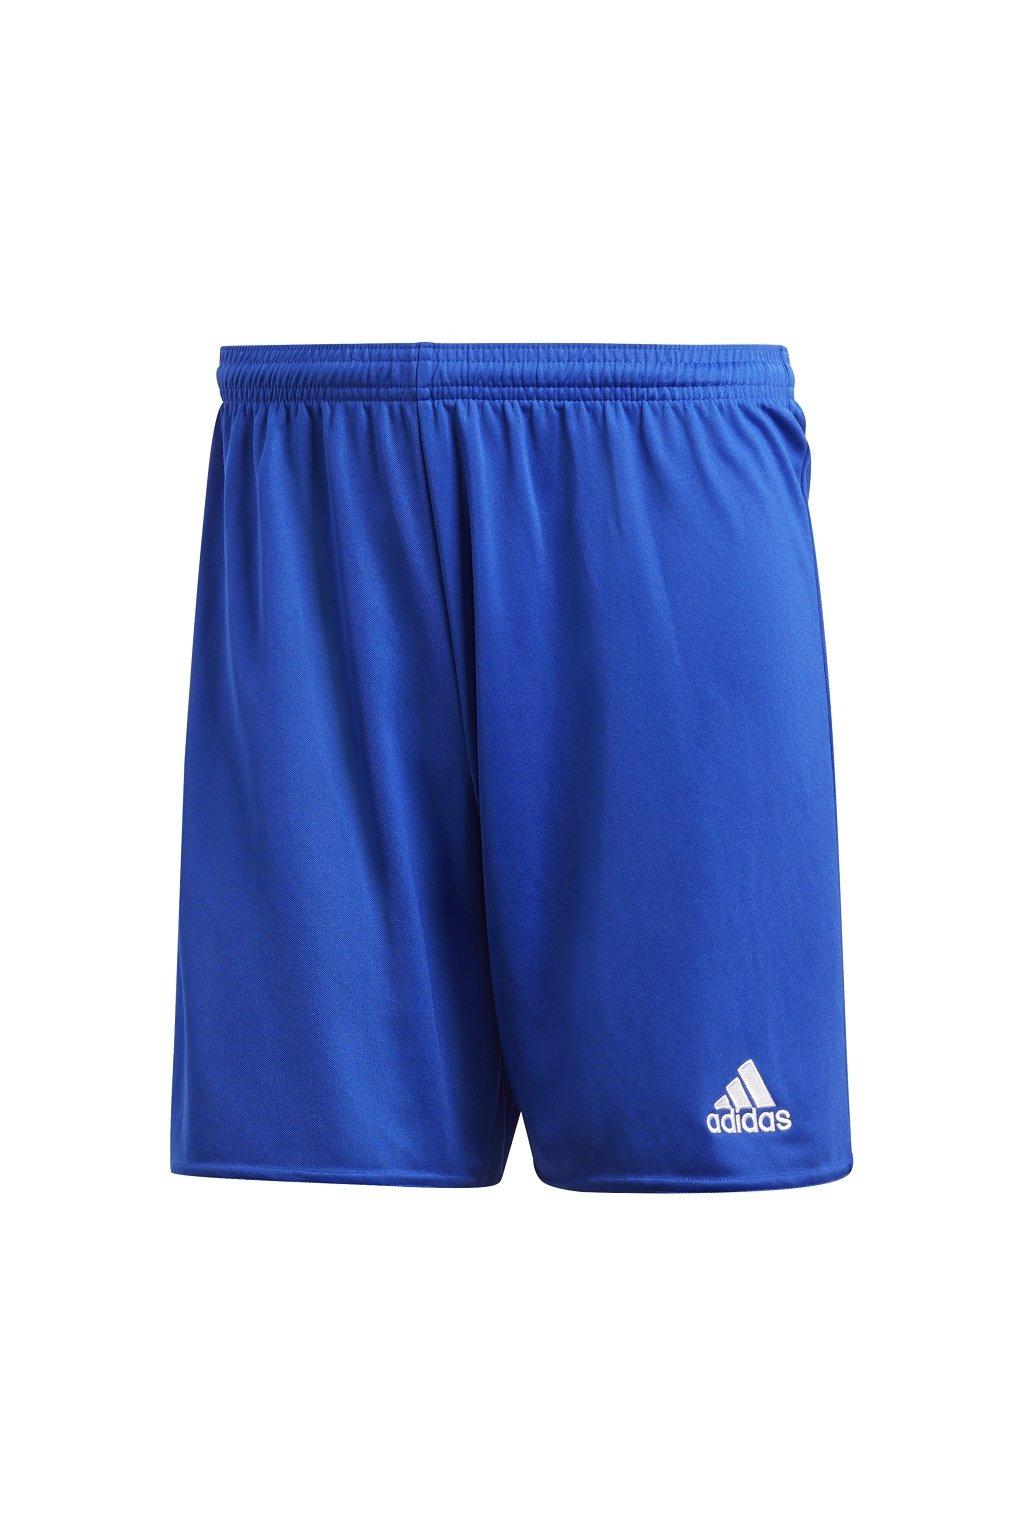 Pánske kraťasy Adidas Parma 16 modré AJ5882